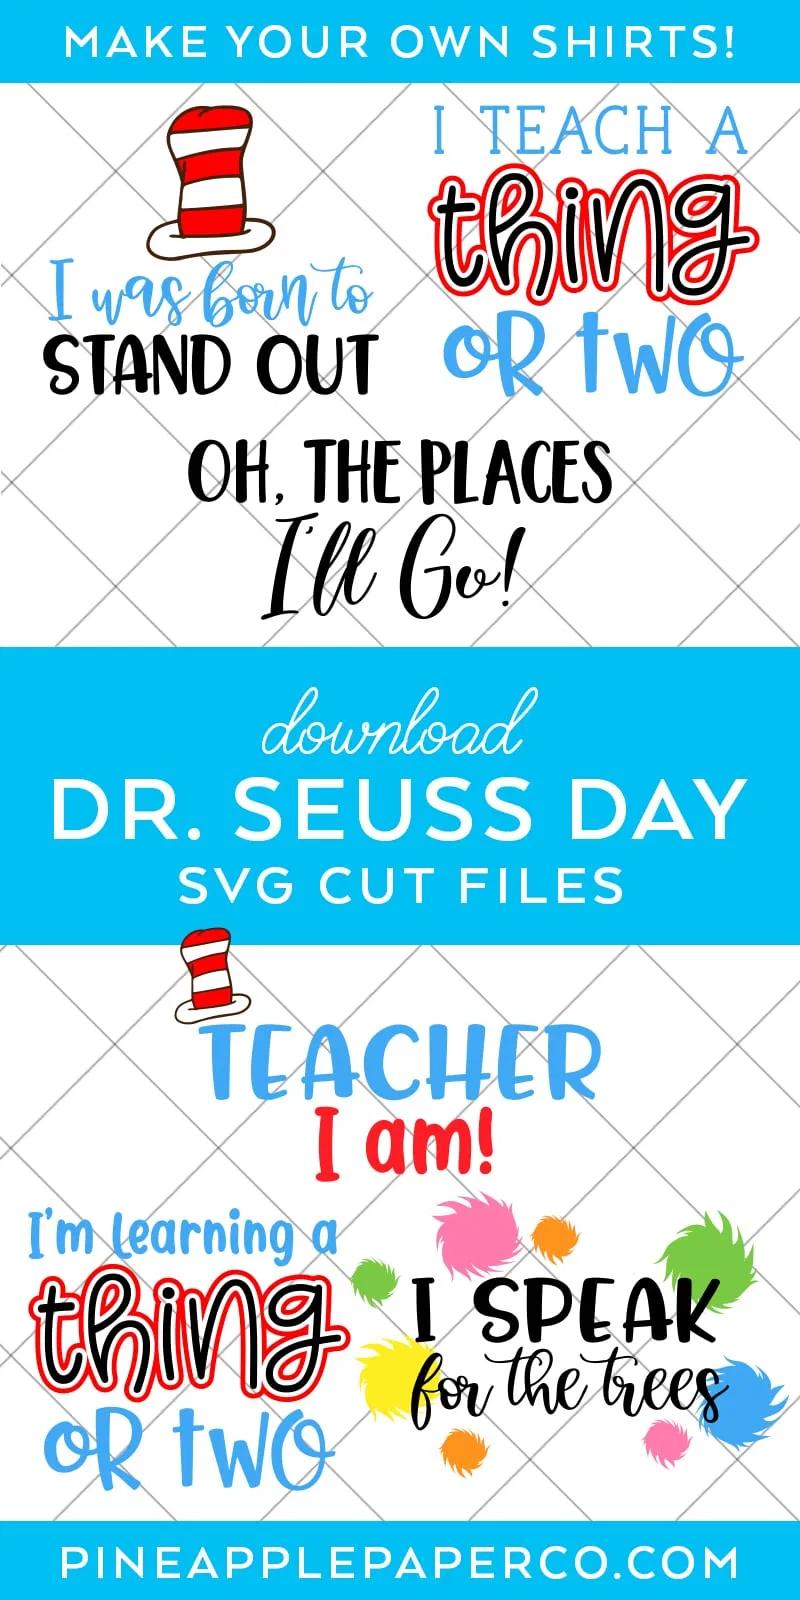 Dr Seuss Svg Files For Dr Seuss Day Dr Seuss Shirts Dr Seuss Font Dr Seuss Day